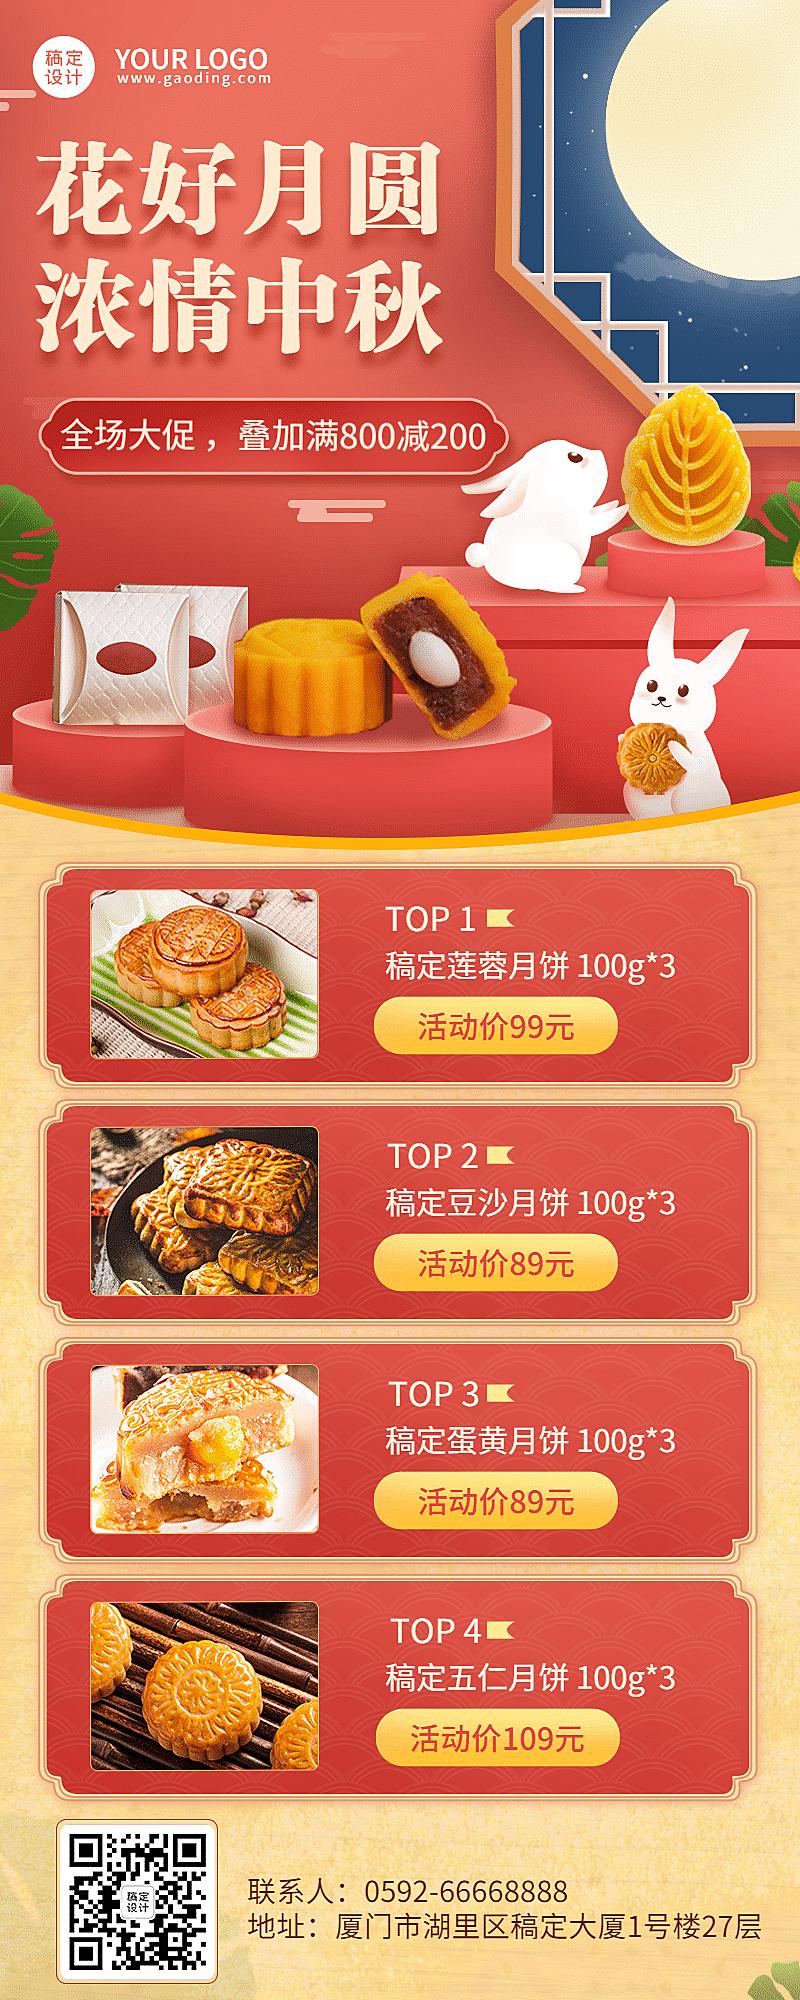 中秋节月饼促销餐饮长图海报